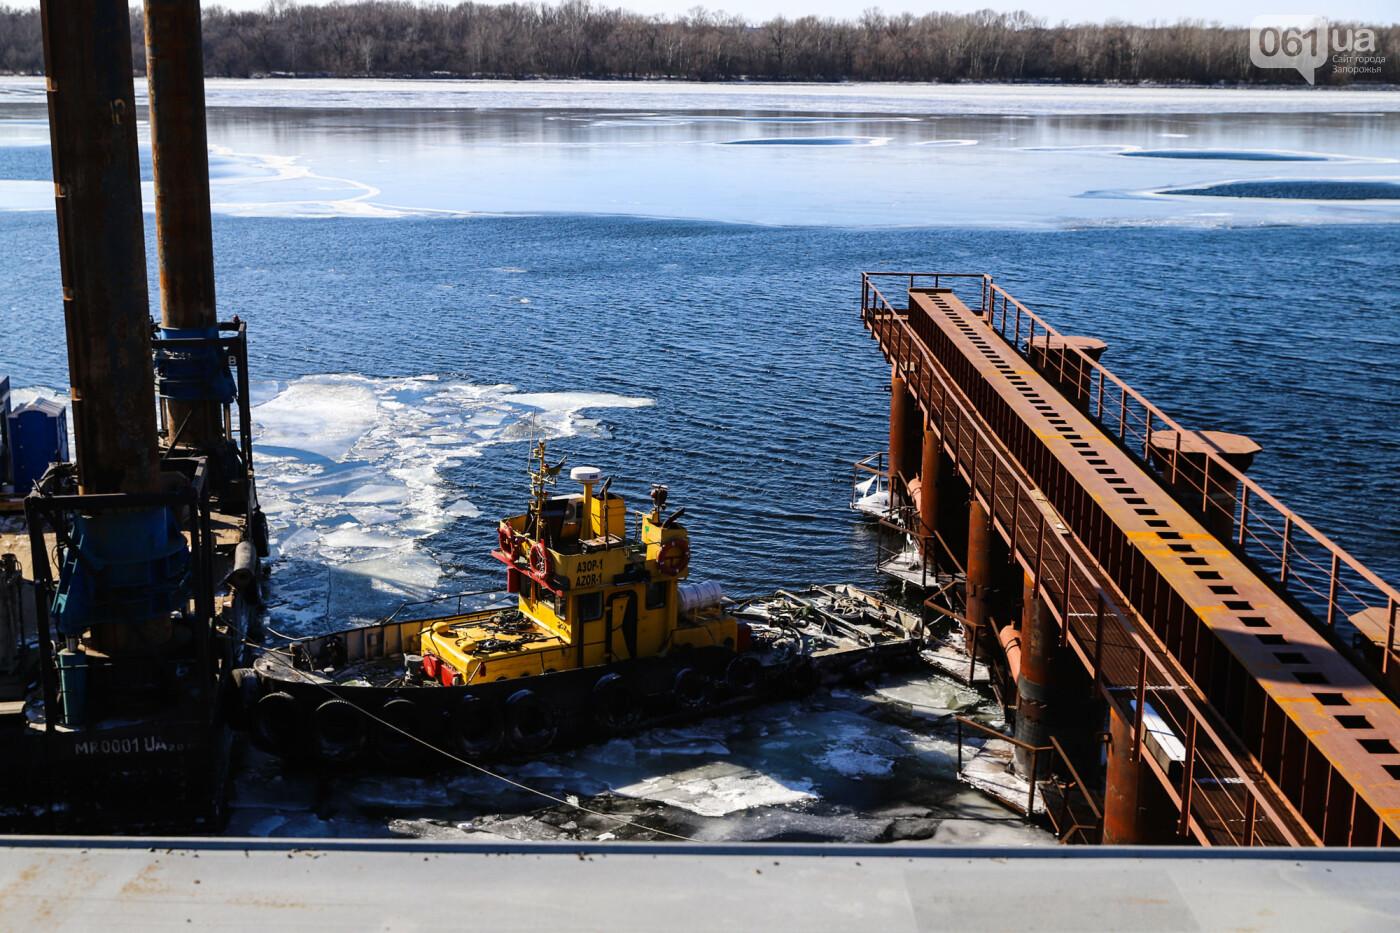 Кран с иностранной пропиской, ванты и металл: строительство запорожских мостов в фотографиях, фото-24